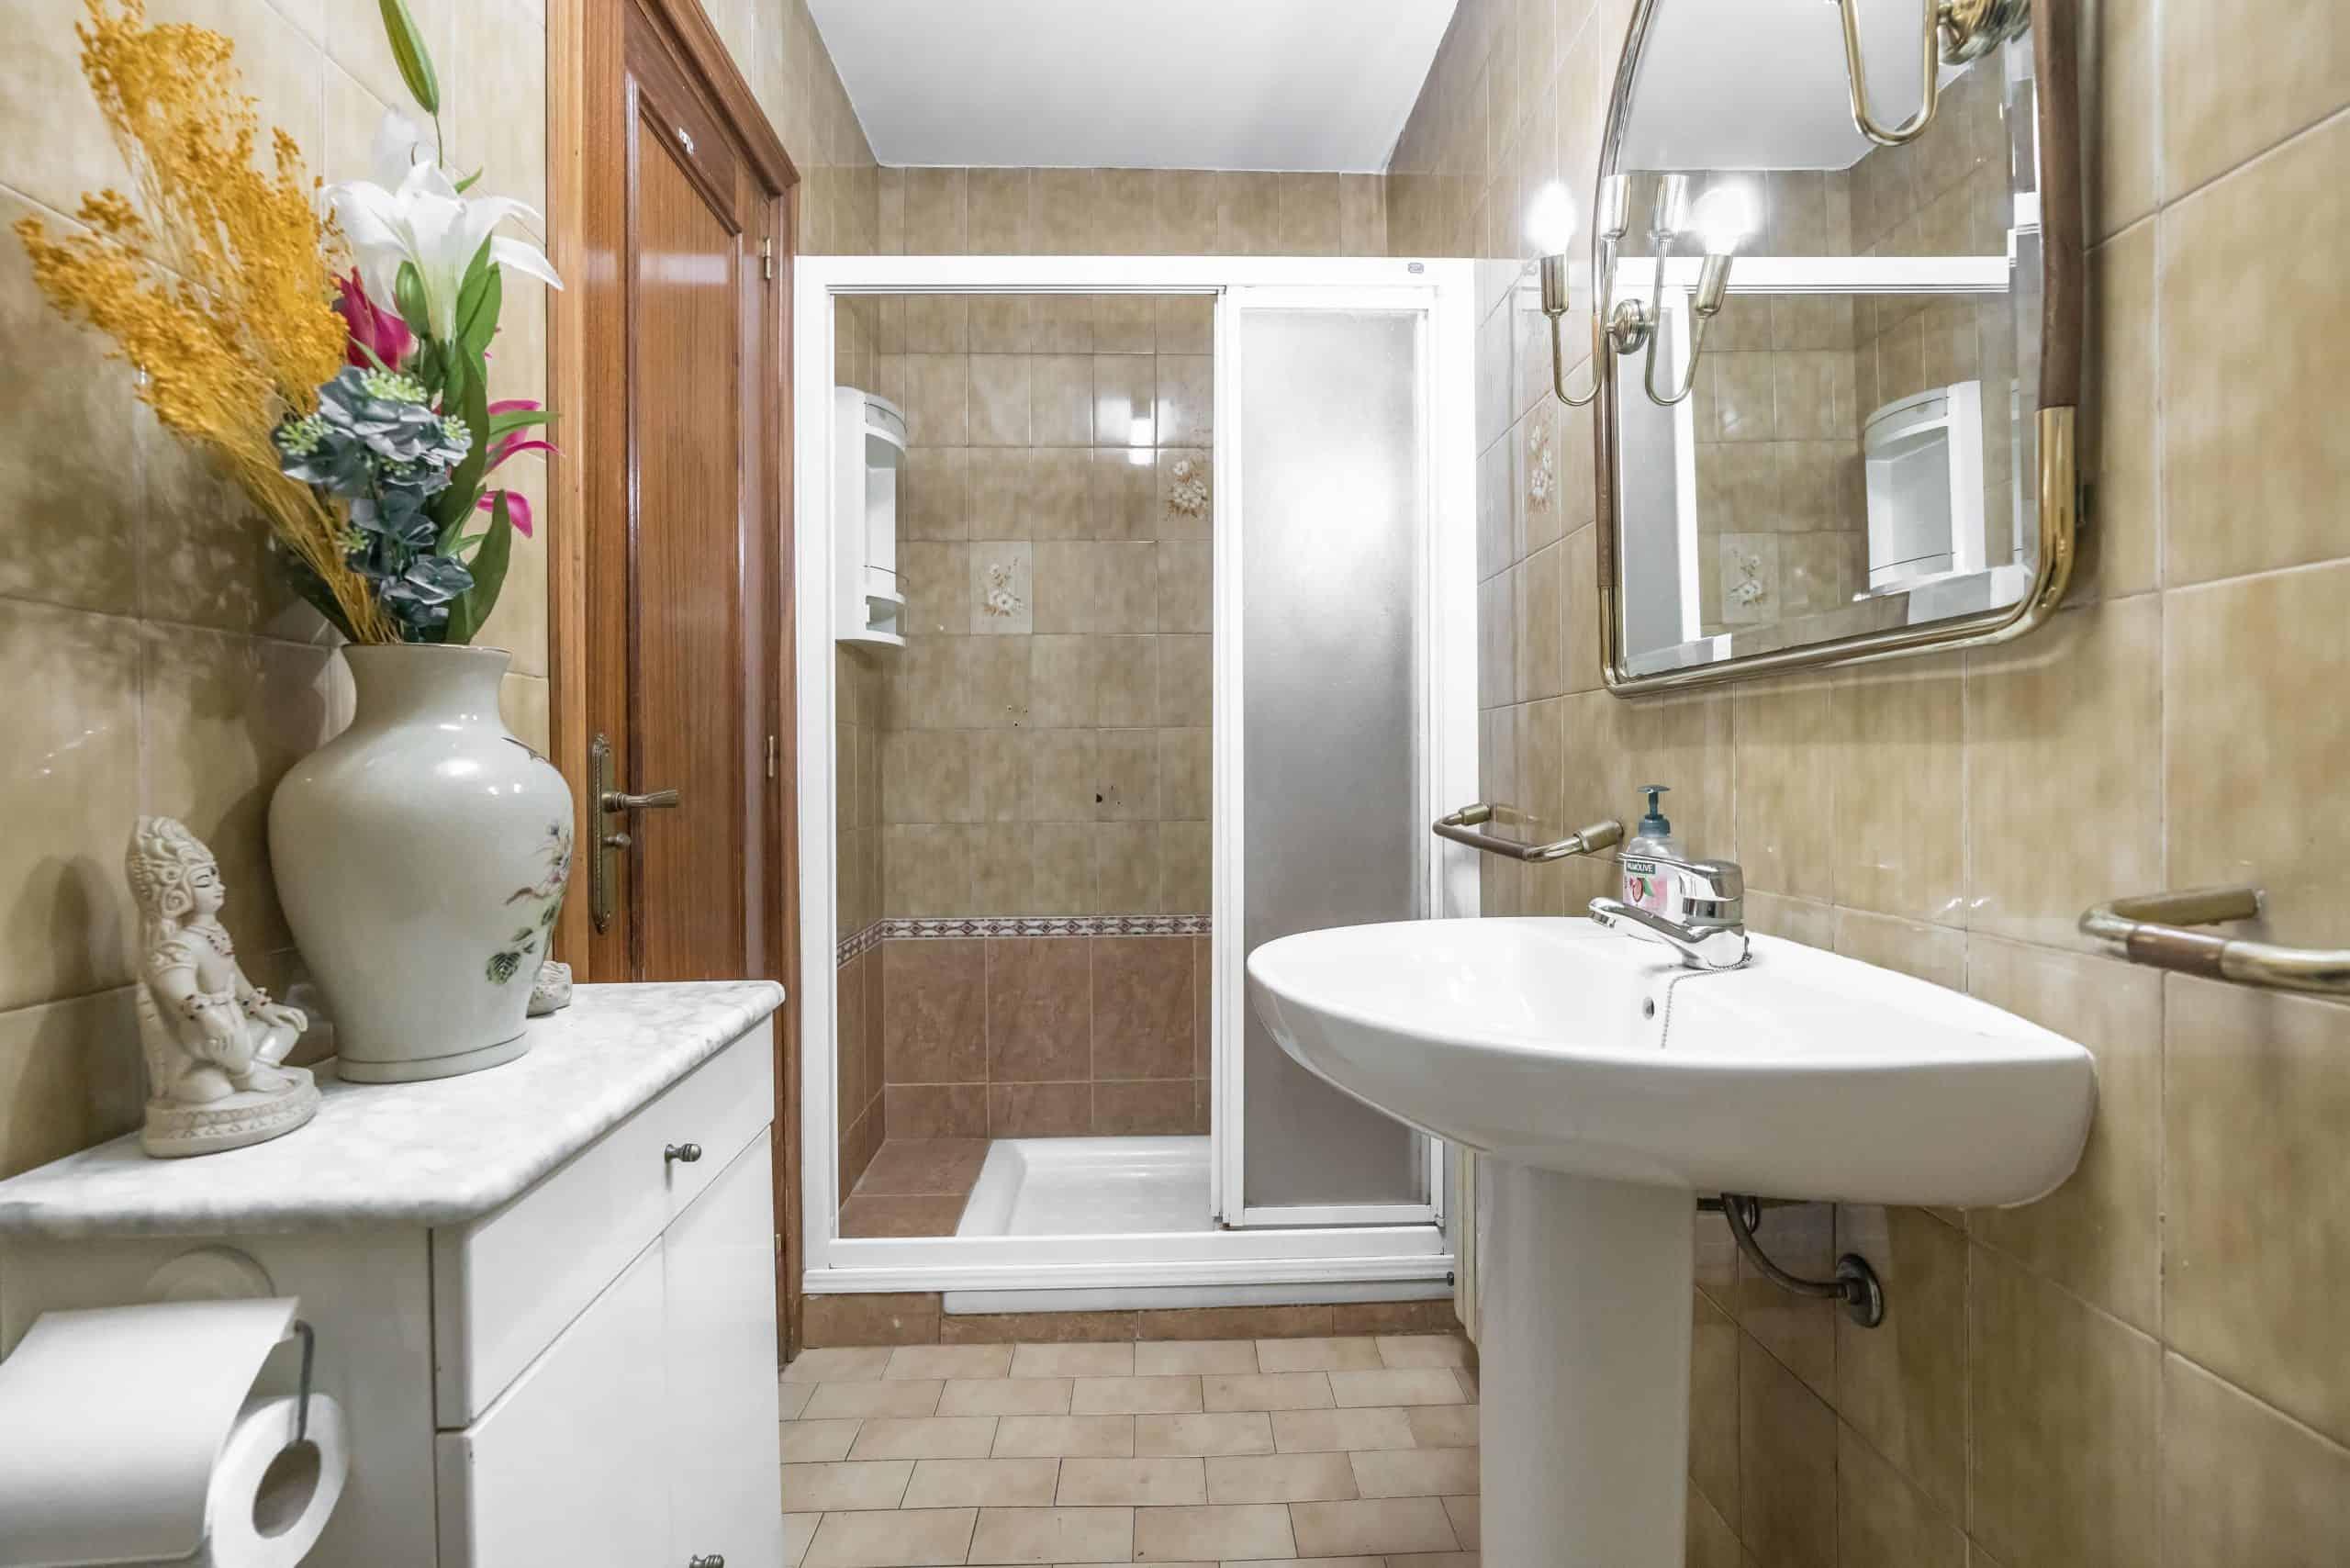 Agencia Inmobiliaria de Madrid-FUTUROCASA-Zona ARGANZUELA-LEGAZPI -calle Jaime Conquistador 27- Baño 4